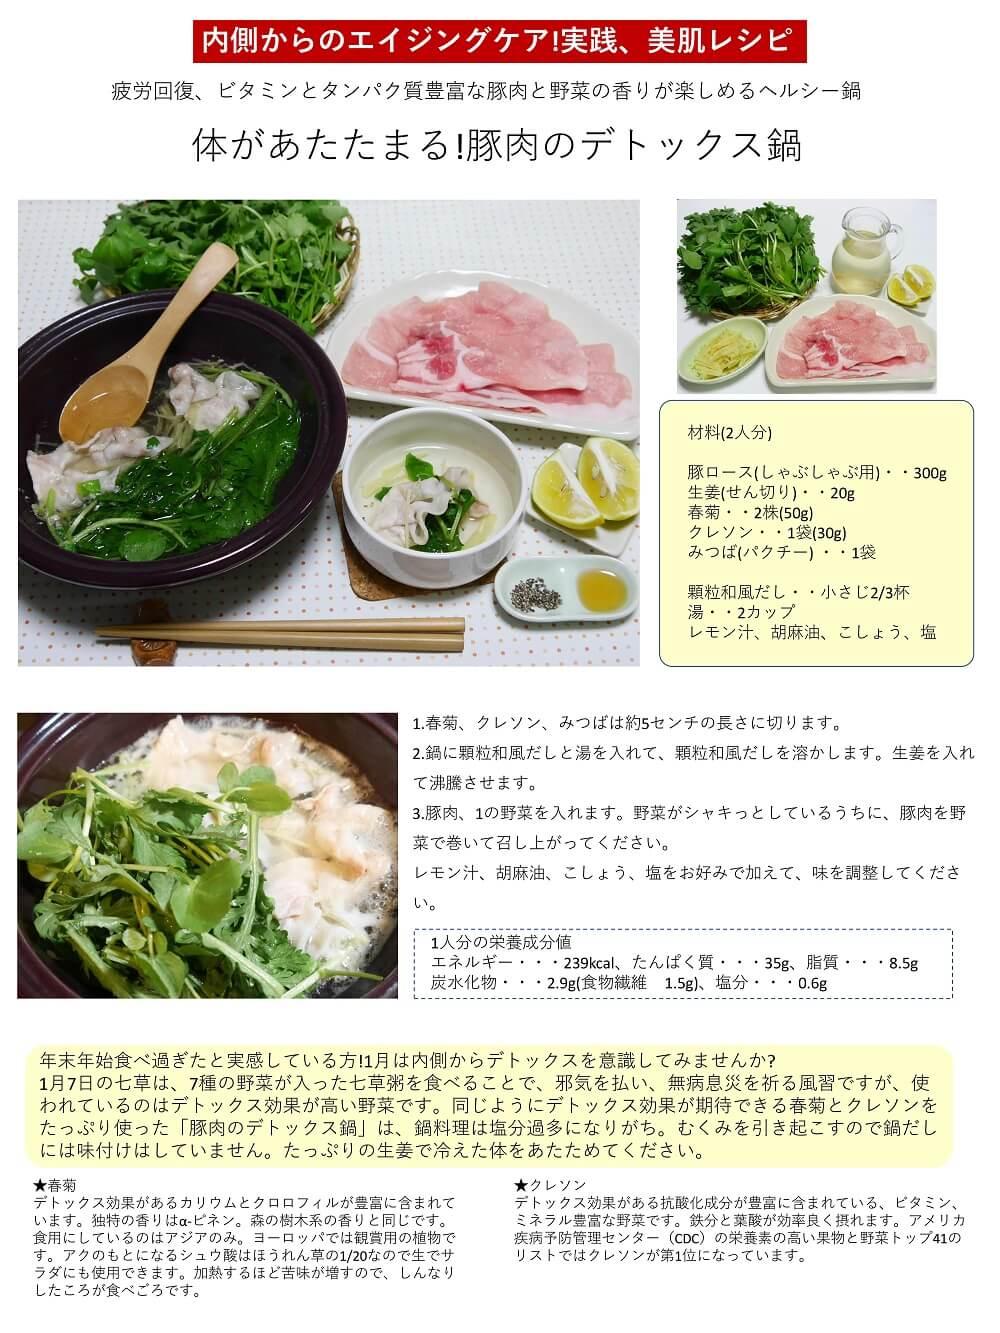 1月のレシピ「身体があたたまる!豚肉のデトックス鍋」